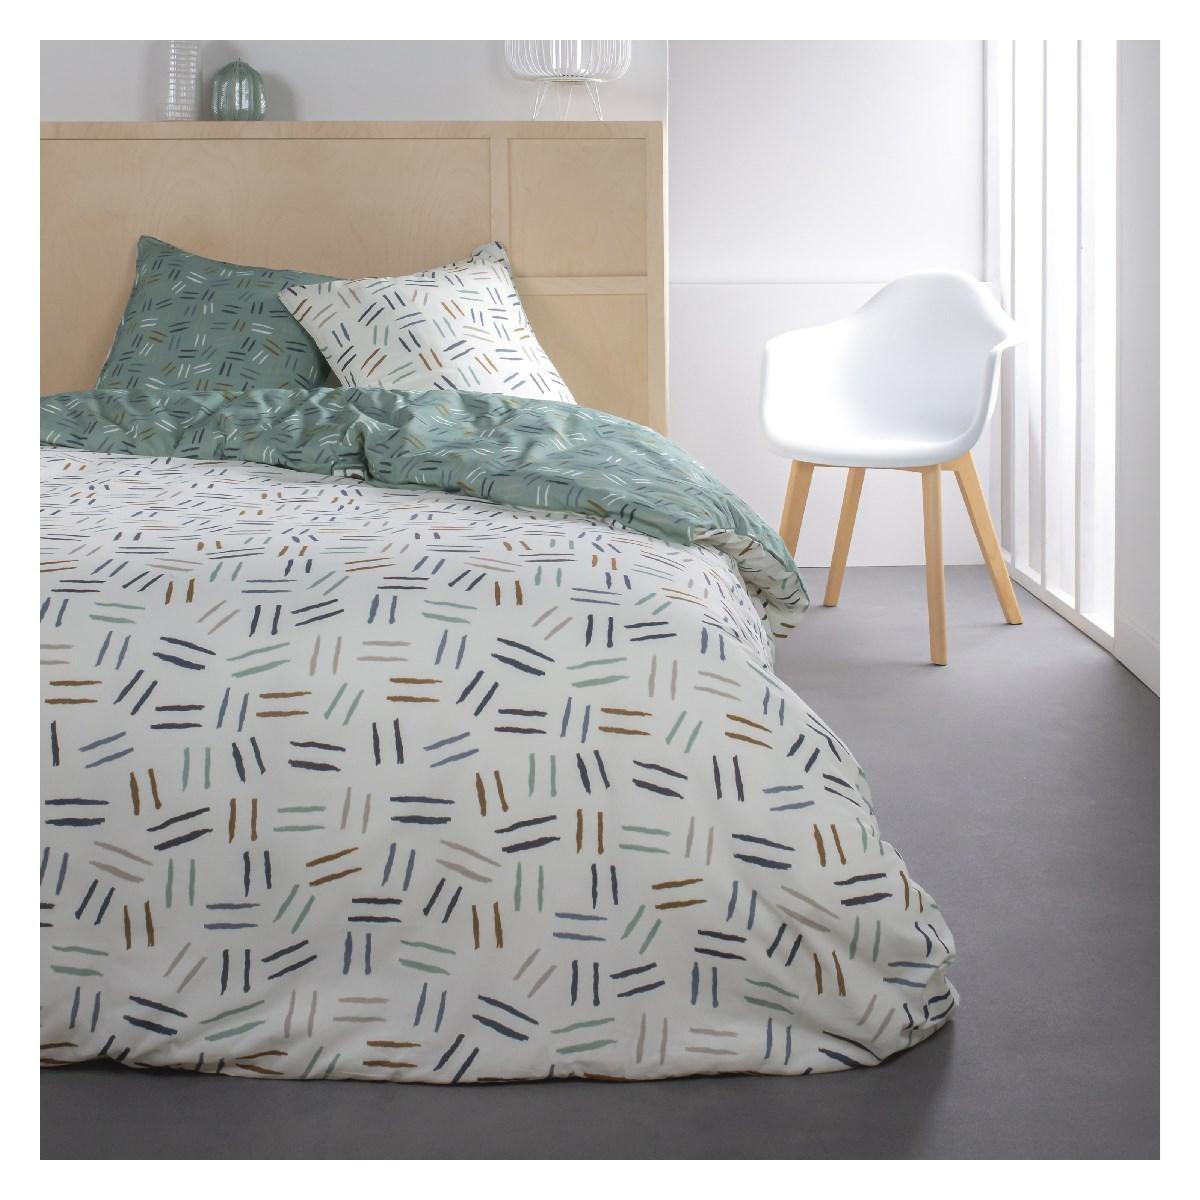 Parure de lit 2 personnes imprimé Rayure en Coton Blanc 240x260 cm